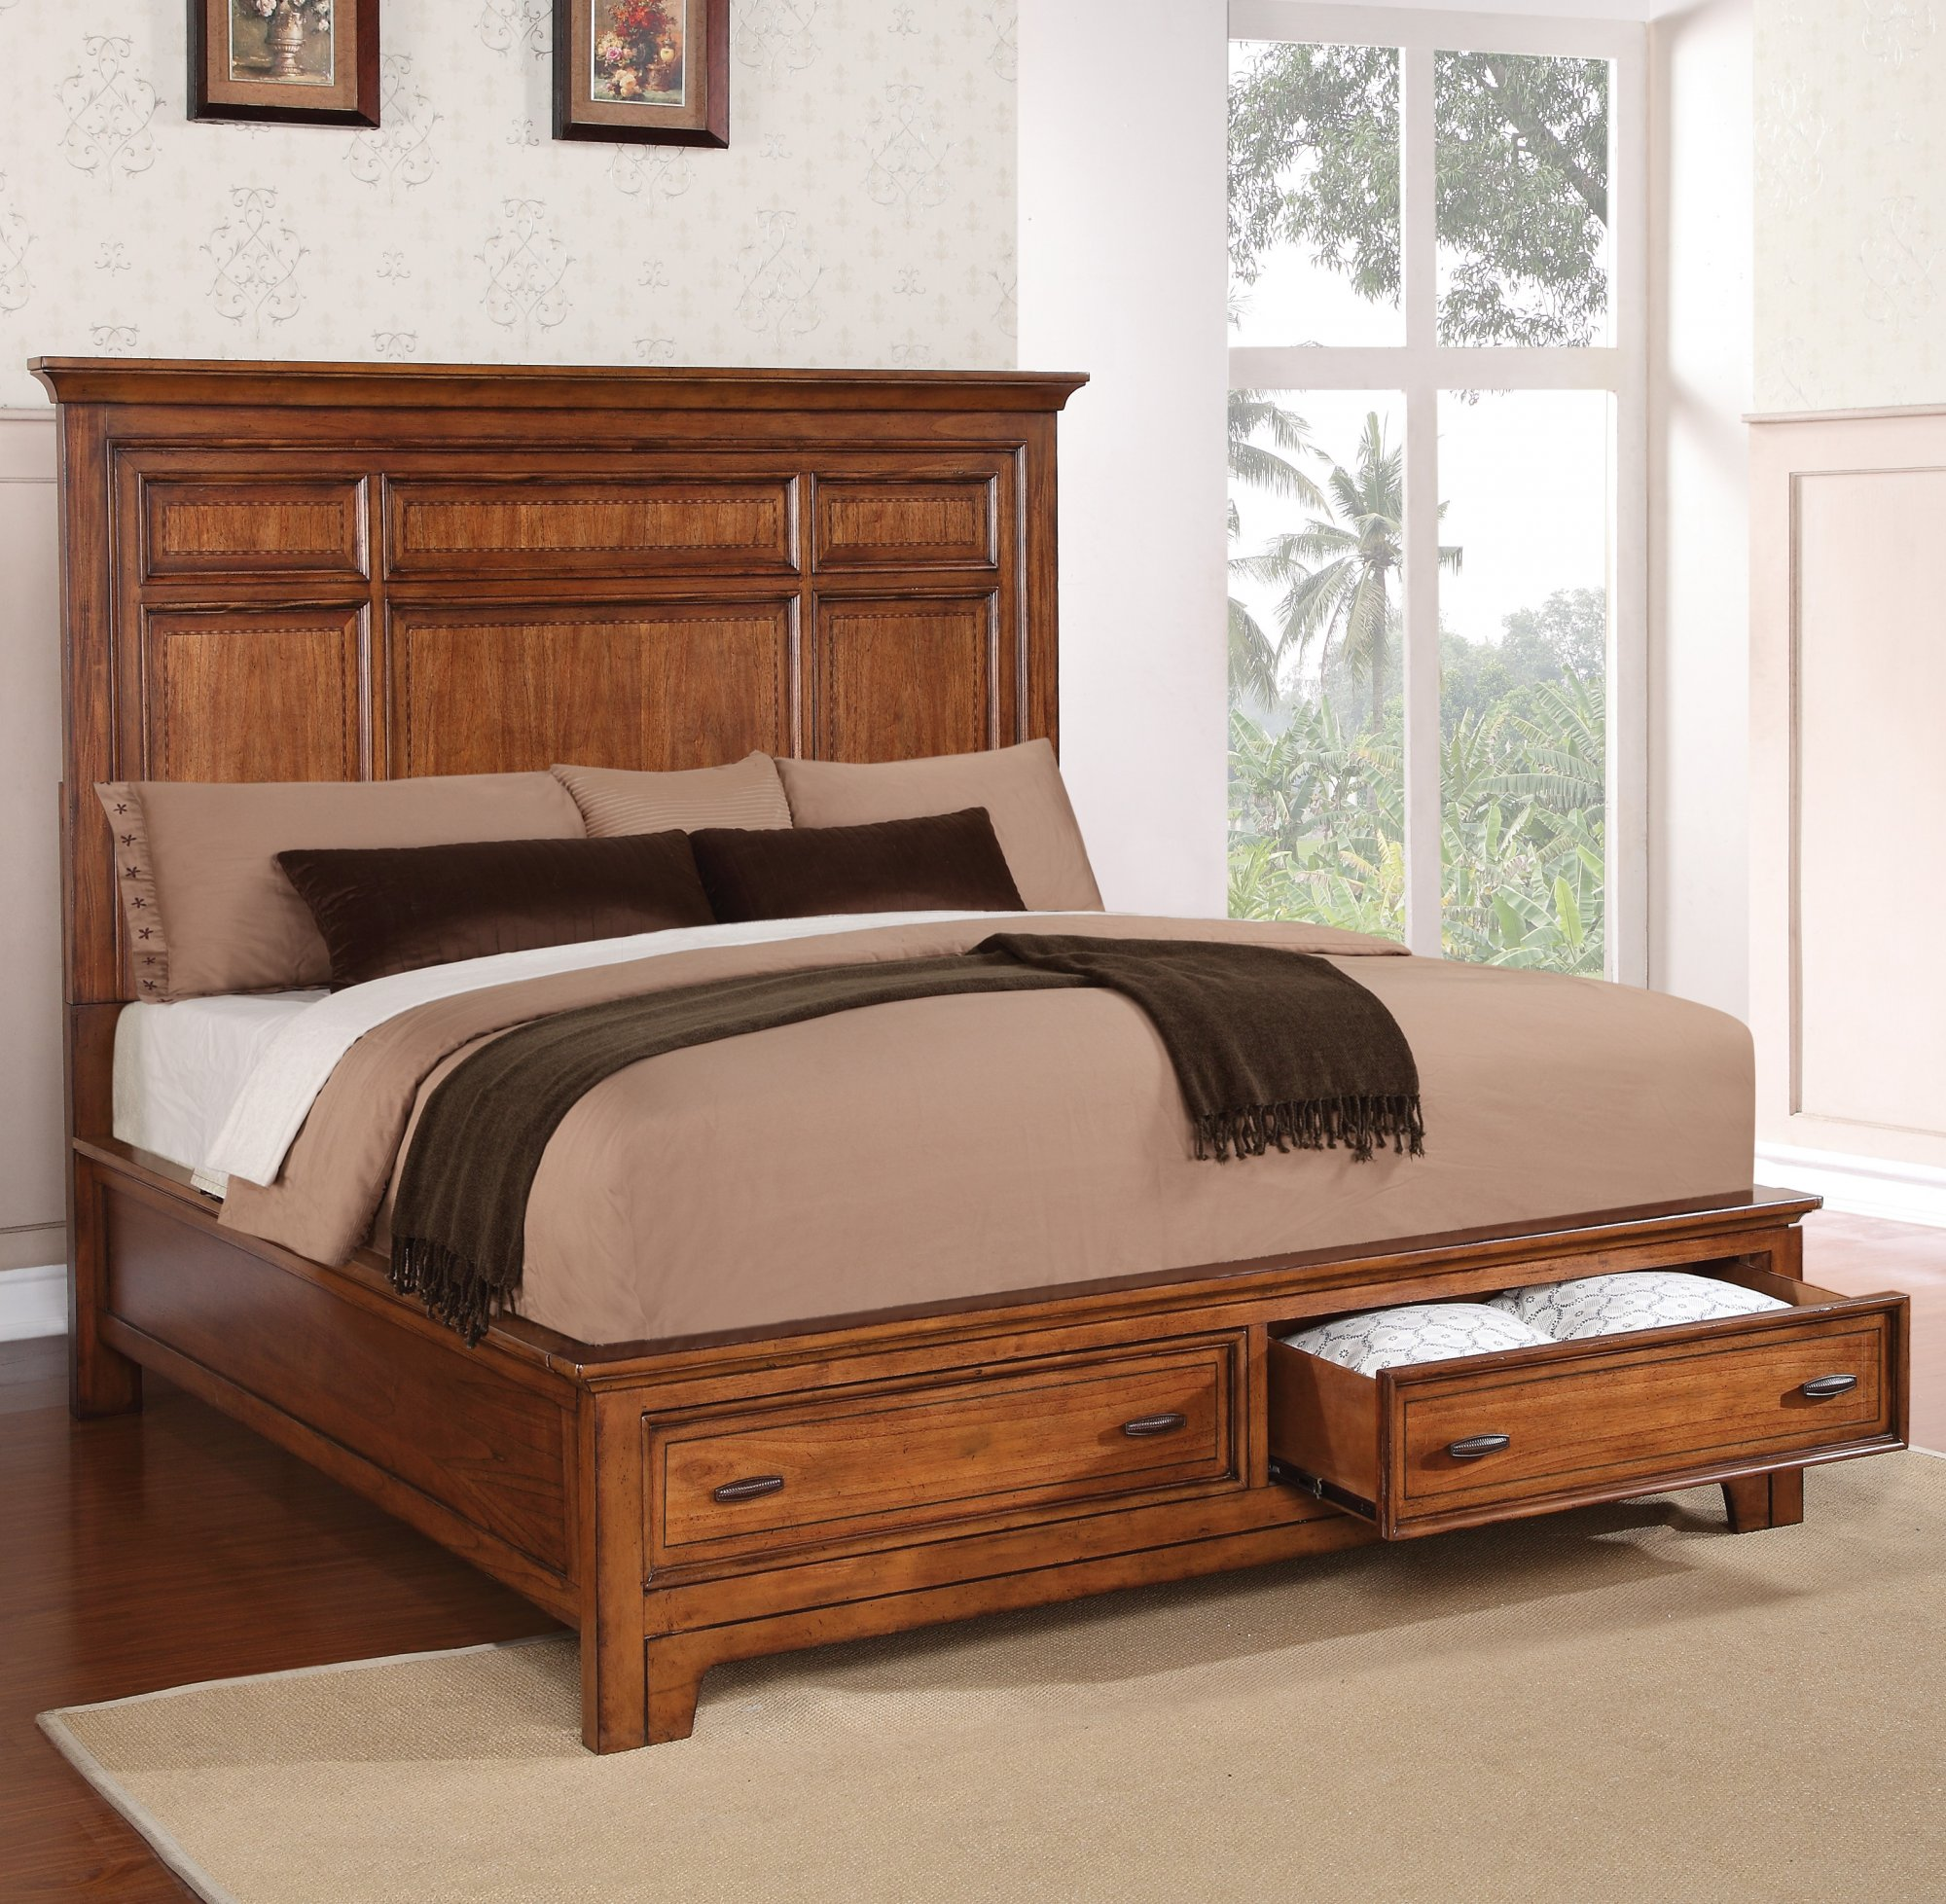 Model: W1572-90QS | Flexsteel River Valley  Queen Panel Bed with Storage